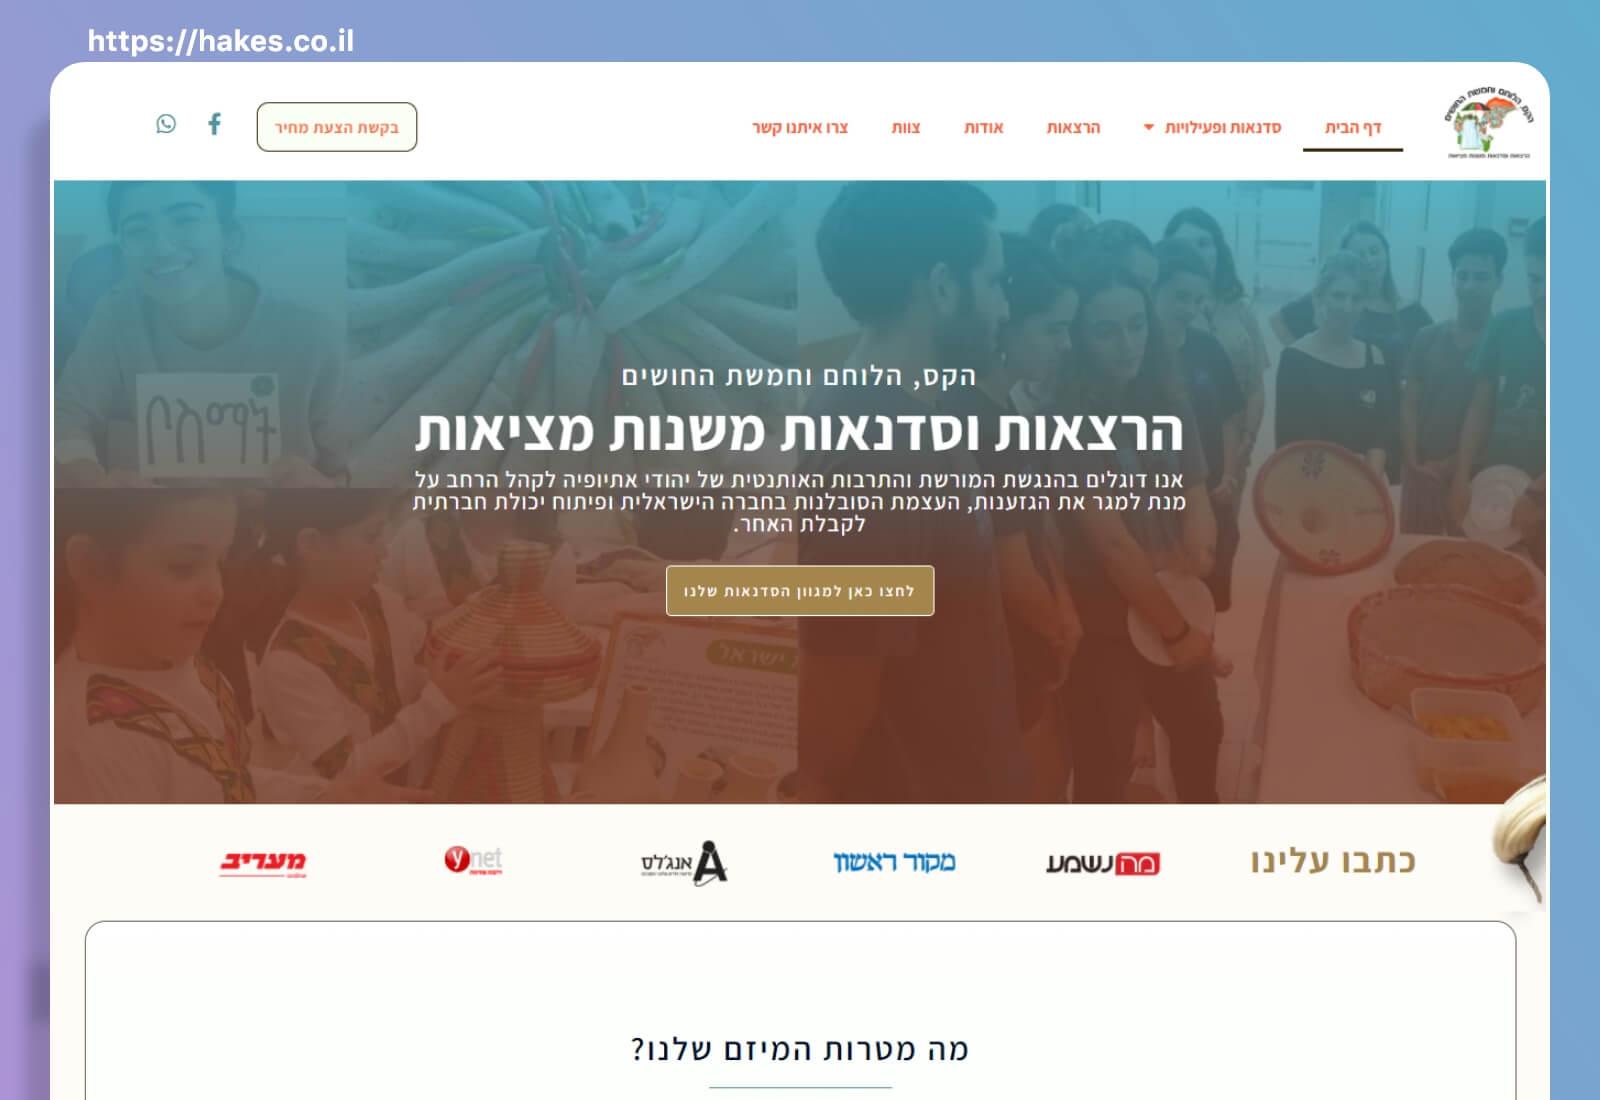 דוגמא לבניית אתר תדמית